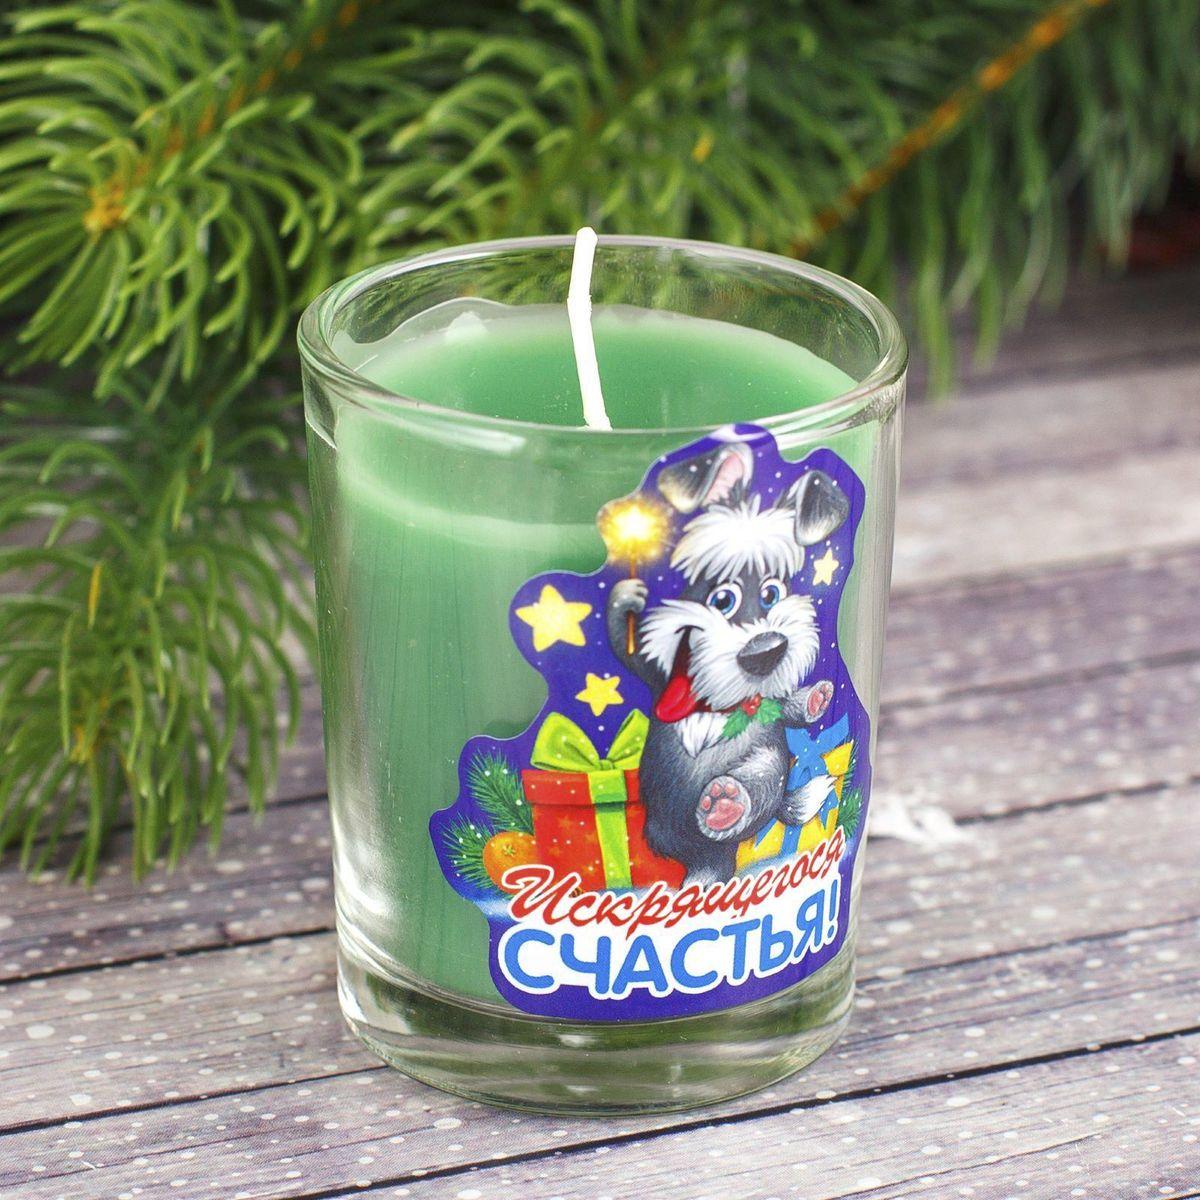 """Какой новогодний стол без свечей? Вместе с мандаринами, шампанским и еловыми ветвями они создадут сказочную атмосферу, а их притягательное пламя подарит ощущение уюта и тепла. А еще это отличная идея для подарка! Свеча ароматизированная в стакане """"Sima-land"""" оградит от невзгод и поможет во всех начинаниях в будущем году. Каждому хозяину периодически приходит мысль обновить свою квартиру, сделать ремонт, перестановку или кардинально поменять внешний вид каждой комнаты. Свеча ароматизированная в стакане """"Sima-land"""" - привлекательная деталь, которая поможет воплотить вашу интерьерную идею, создать неповторимую атмосферу в вашем доме. Окружите себя приятными мелочами, пусть они радуют глаз и дарят гармонию. Ароматизированная свеча """"Sima-land"""" несет в себе волшебство и красоту праздника. Такое украшение создаст в вашем доме атмосферу праздника, веселья и радости."""